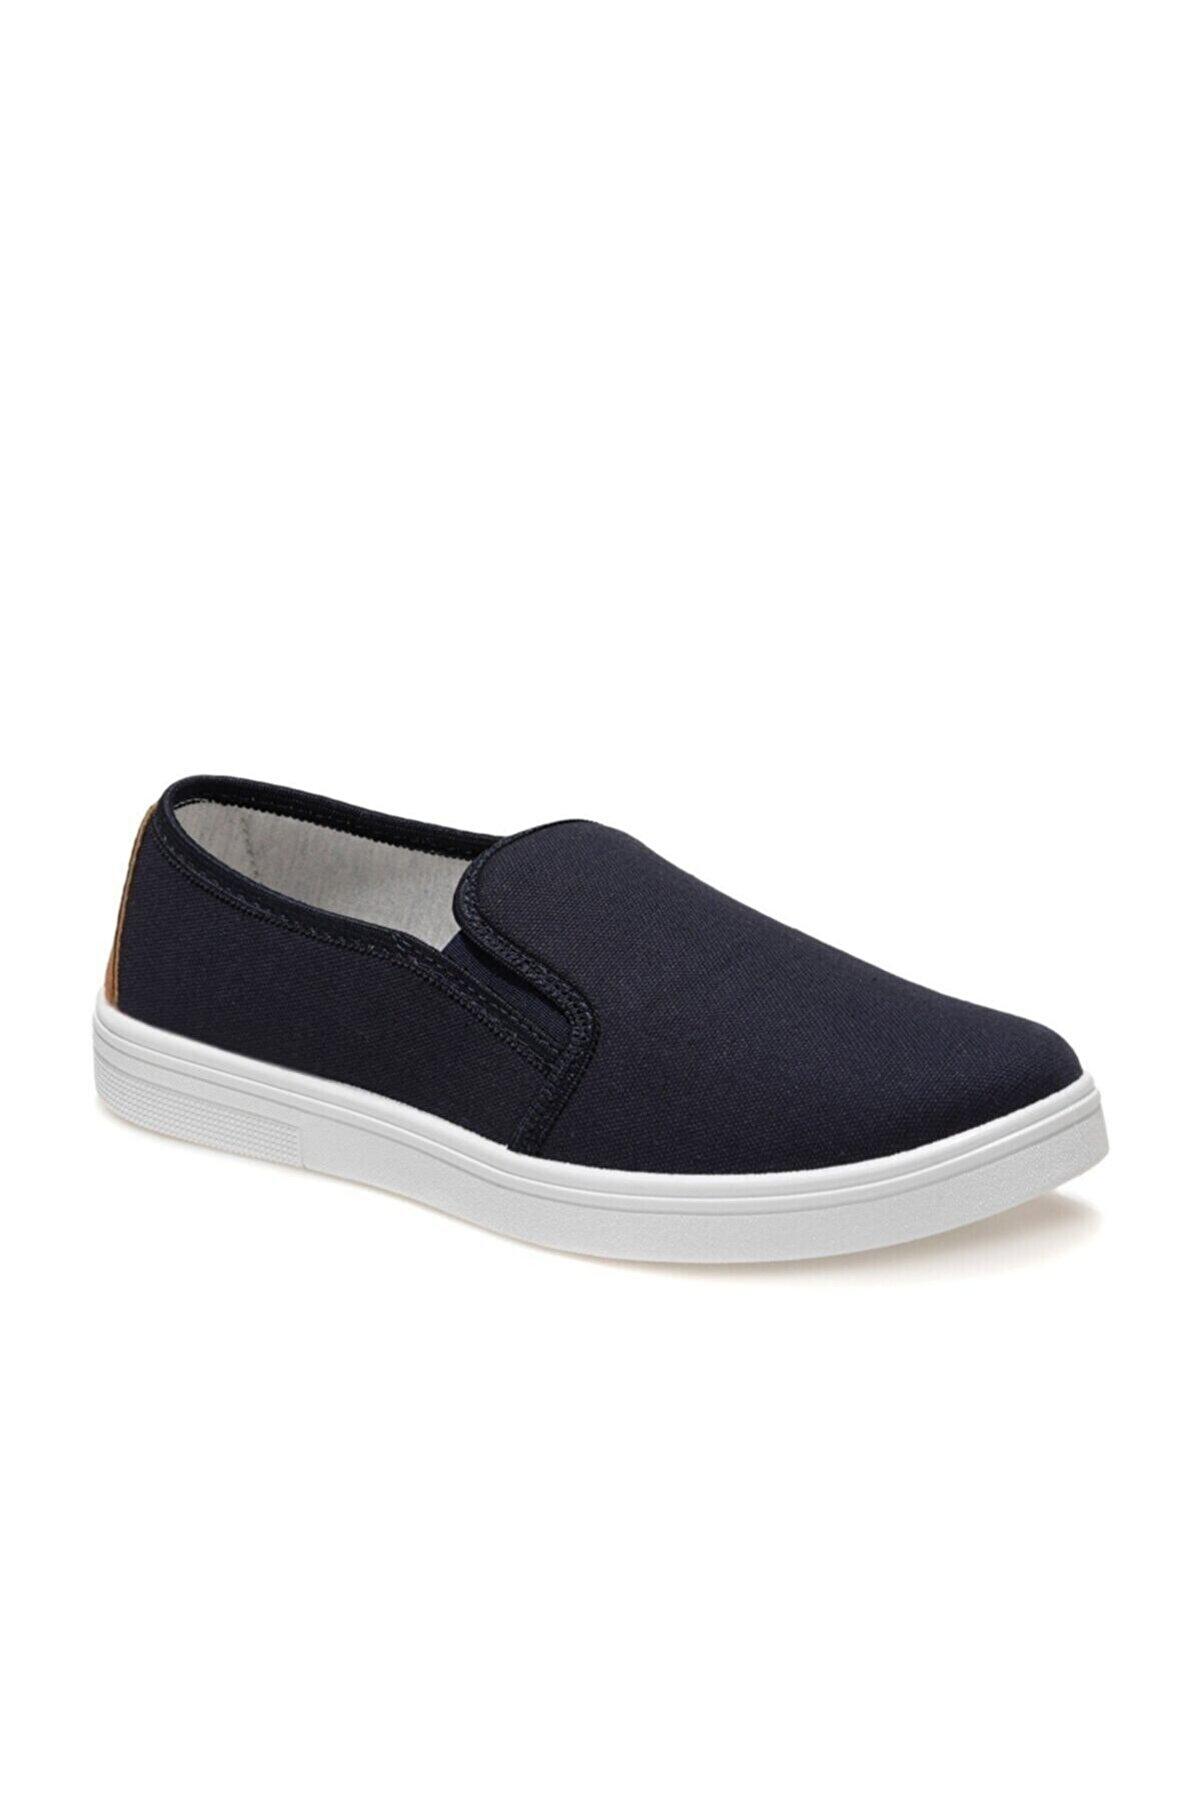 Polaris 356735.M1FX Lacivert Erkek Slip On Ayakkabı 100936281